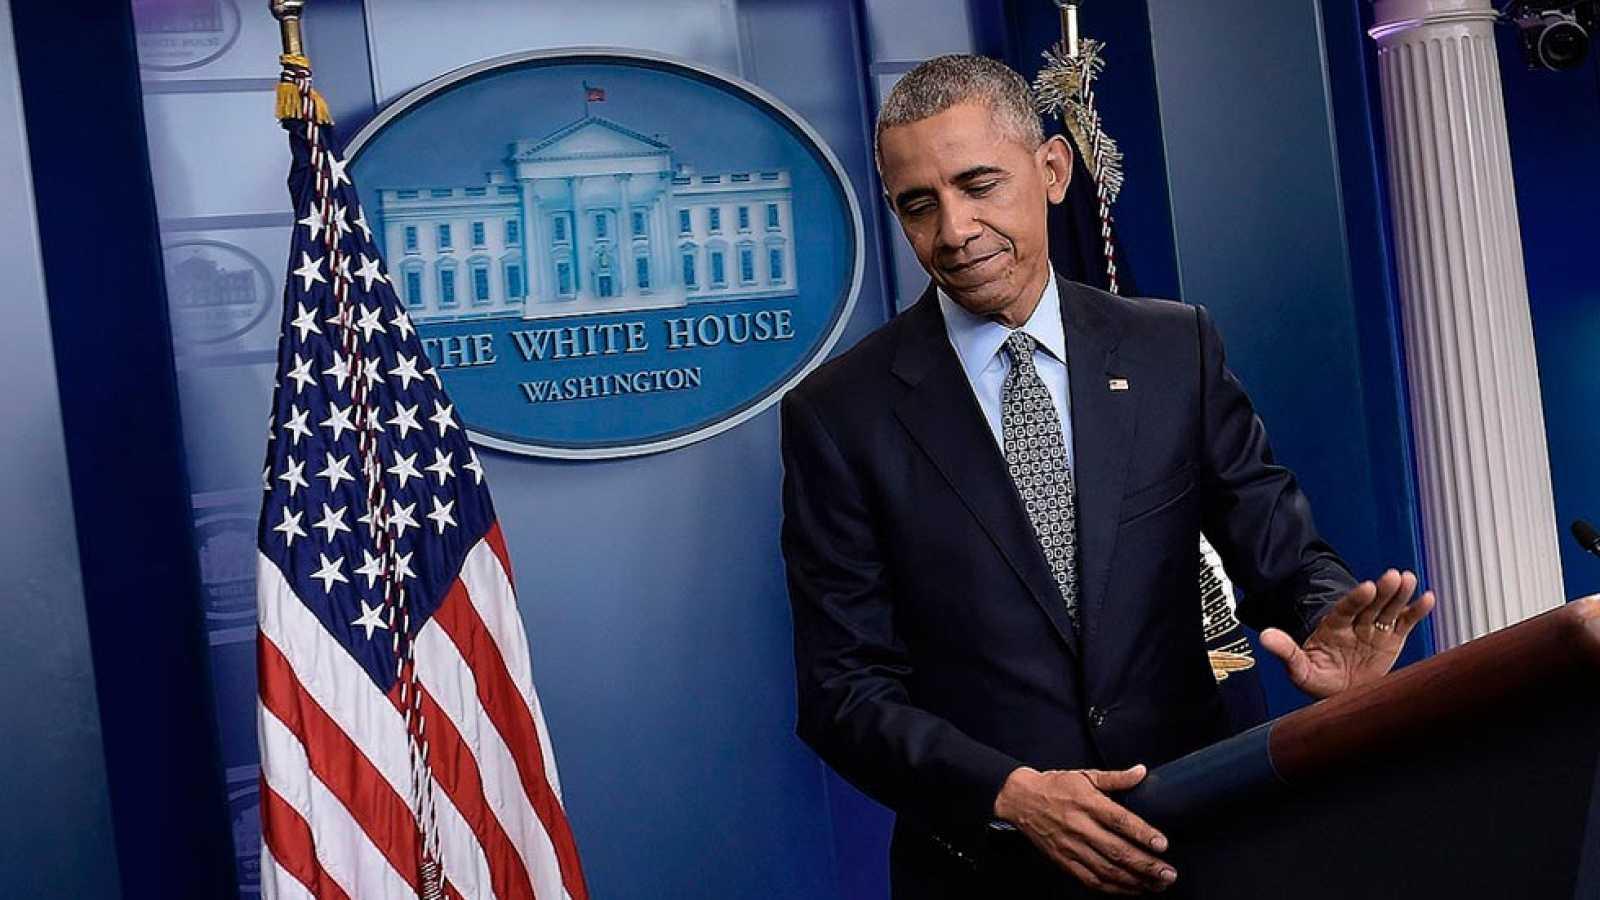 Obama recomienda a Trump firmeza frente a Rusia en su última comparecencia